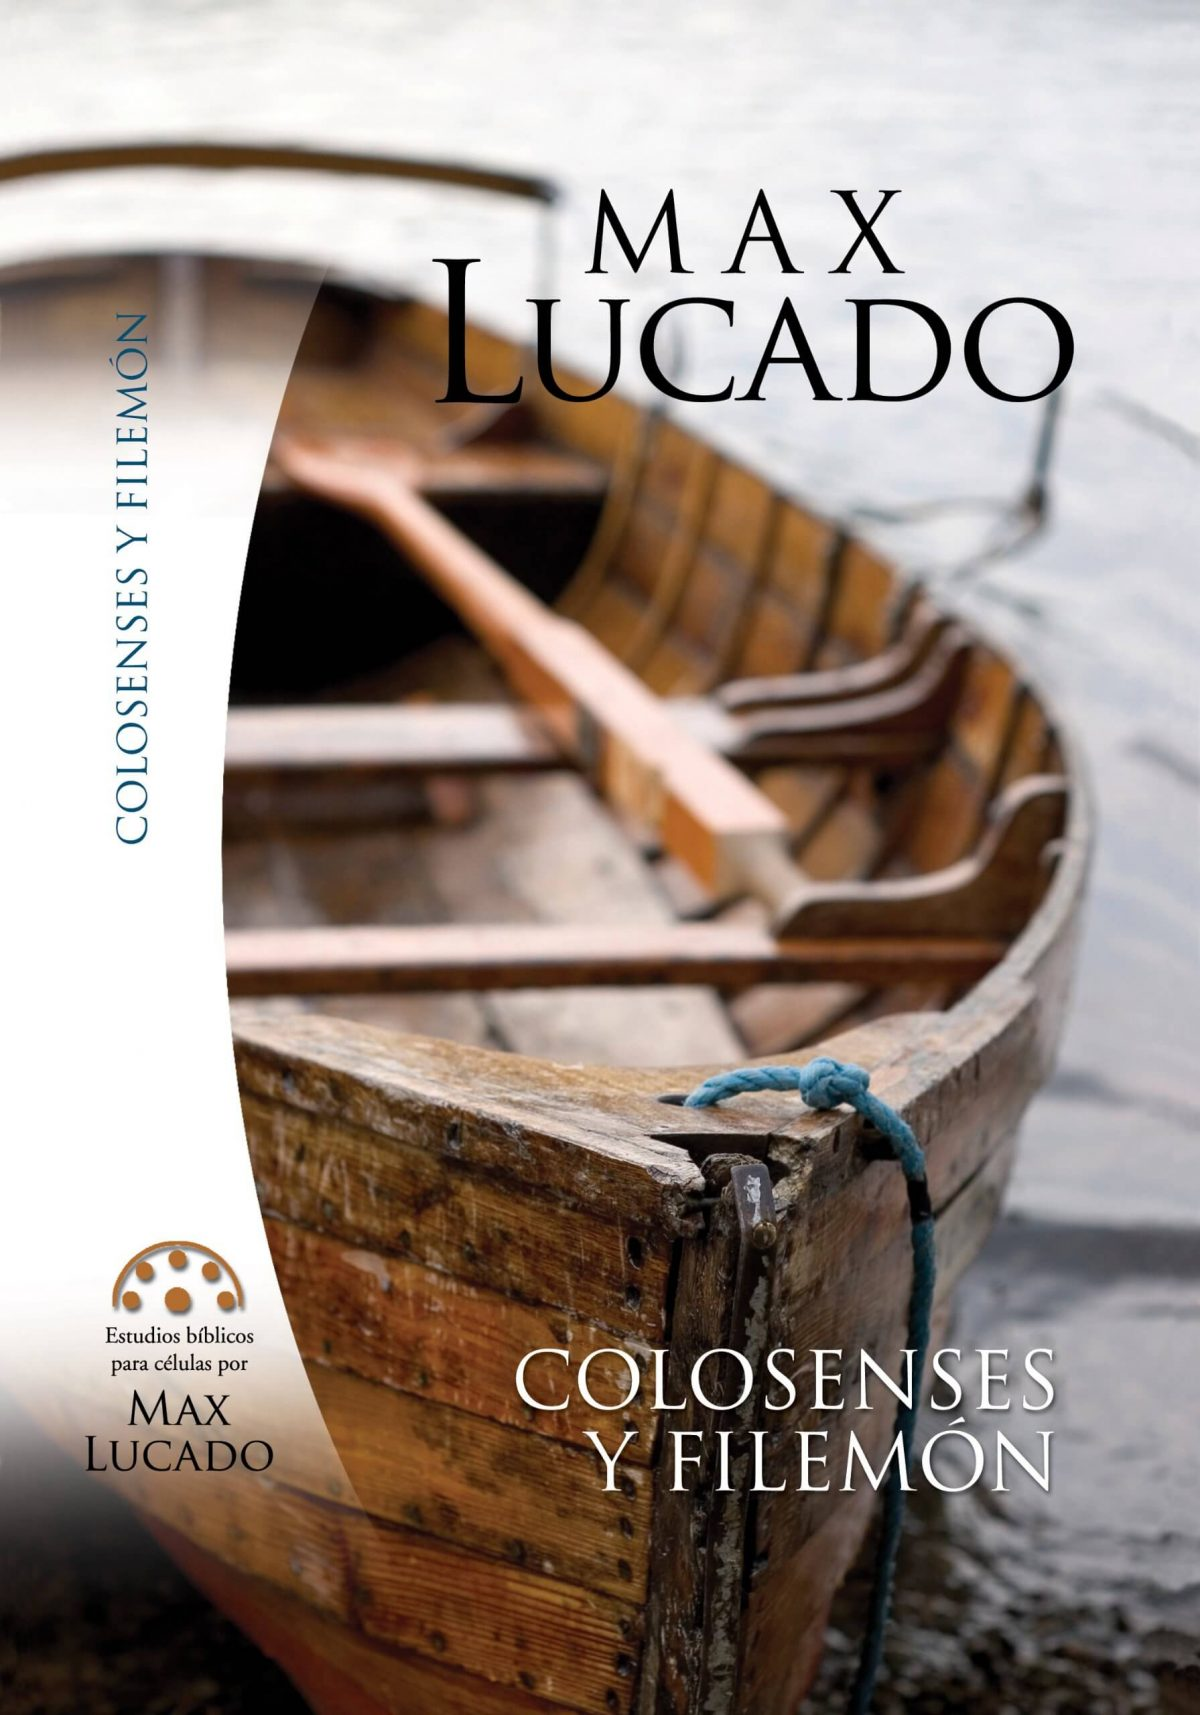 ESTUDIOS BIBLICOS MAX LUCADO COLOSENSES & FILEMON